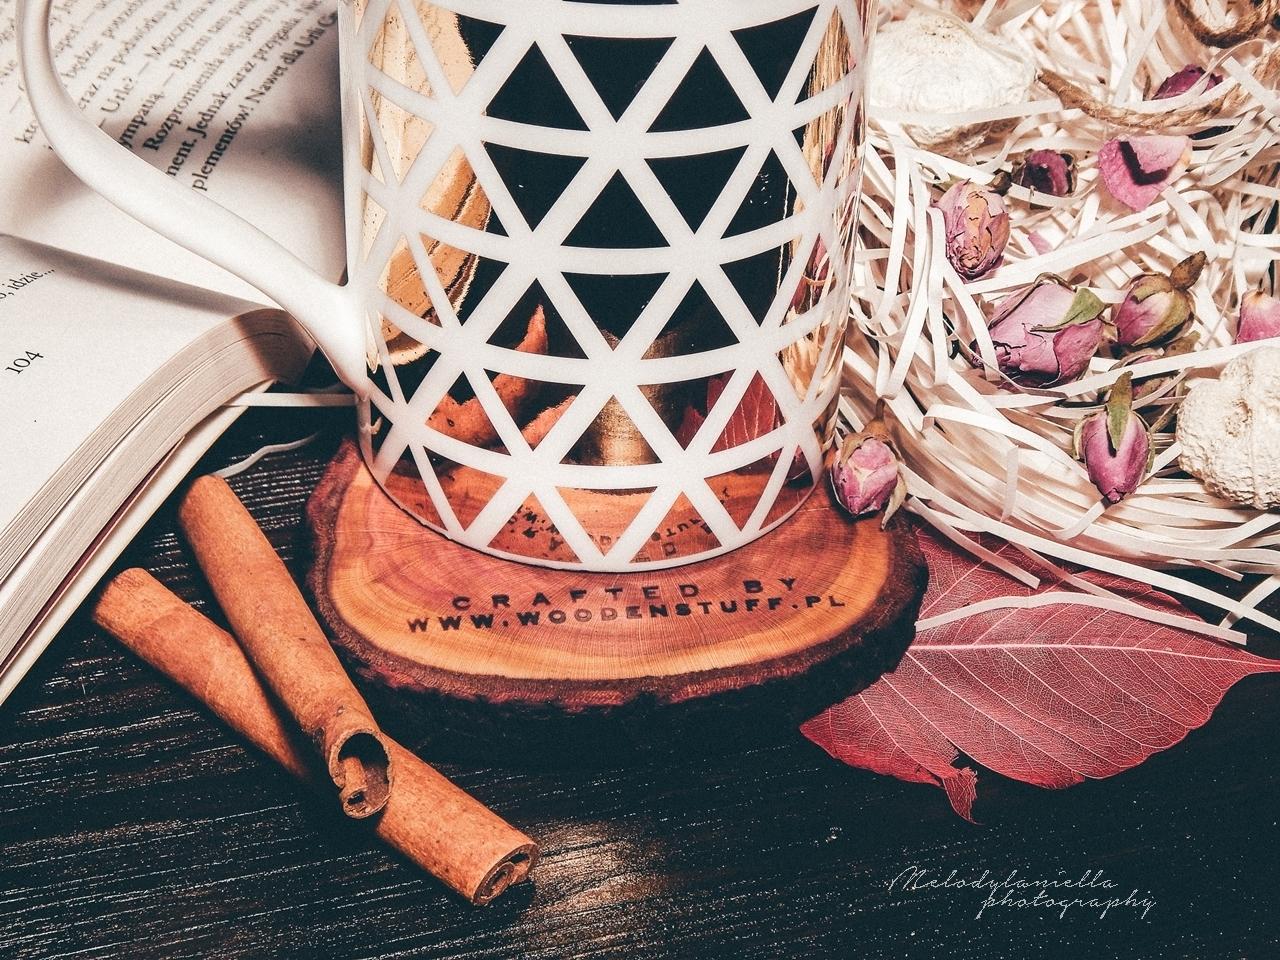 kubki ze zlotymi elementami drewniane dodatki do domu woodenstuff podkladka pod kubek prezent